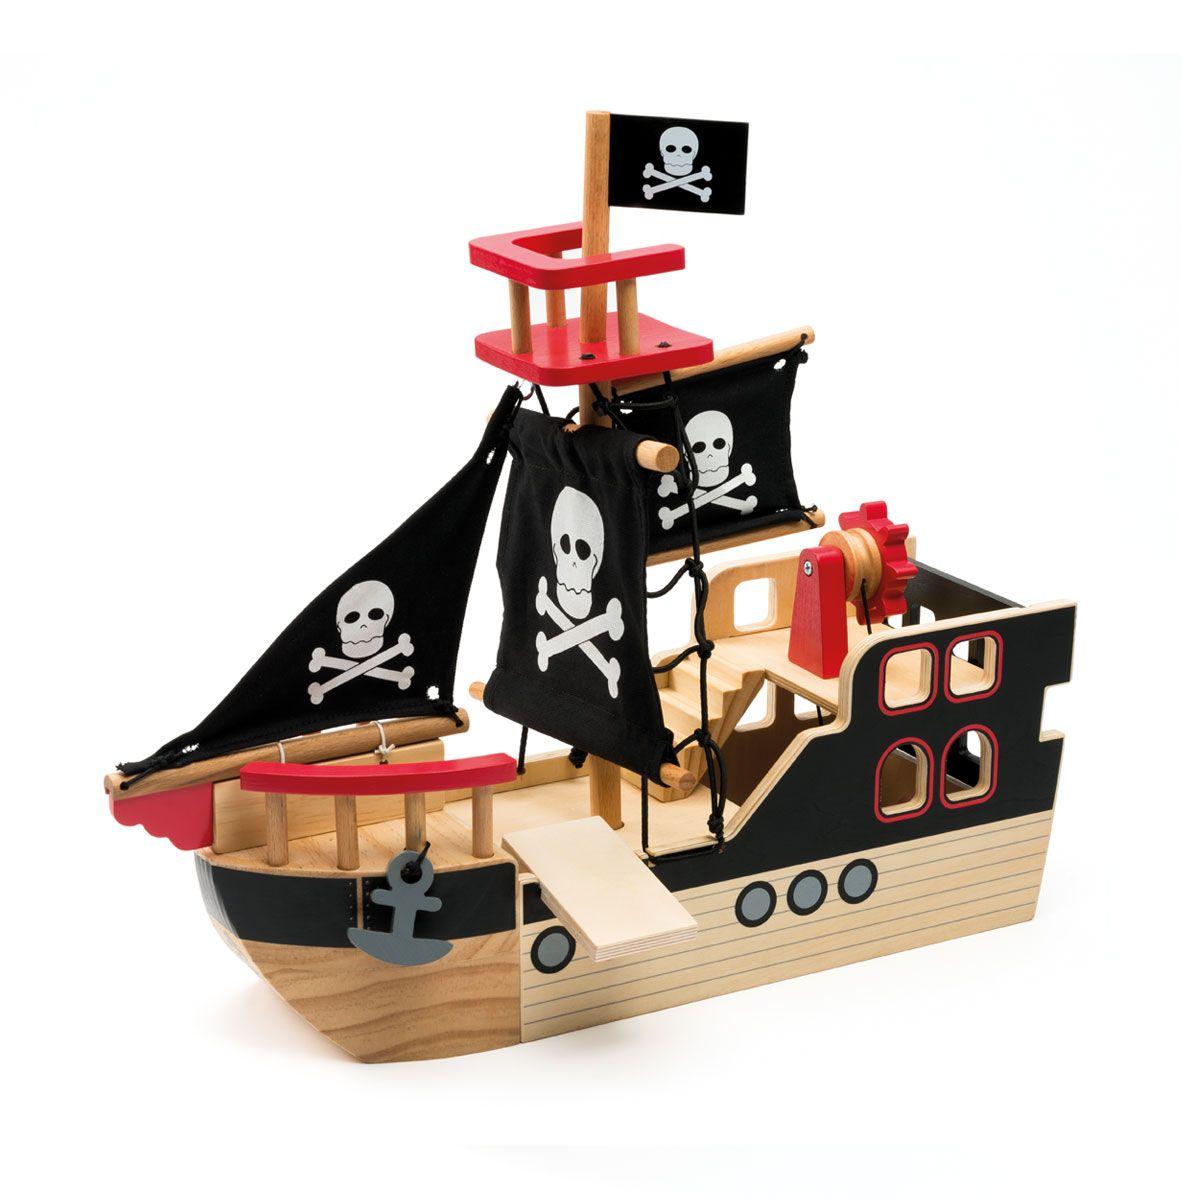 Bateau De Pirate En Bois Oxybul Pour Enfant De 3 Ans A 8 Ans Oxybul Eveil Et Jeux Jouets En Bois Jouet Bateau Pirate